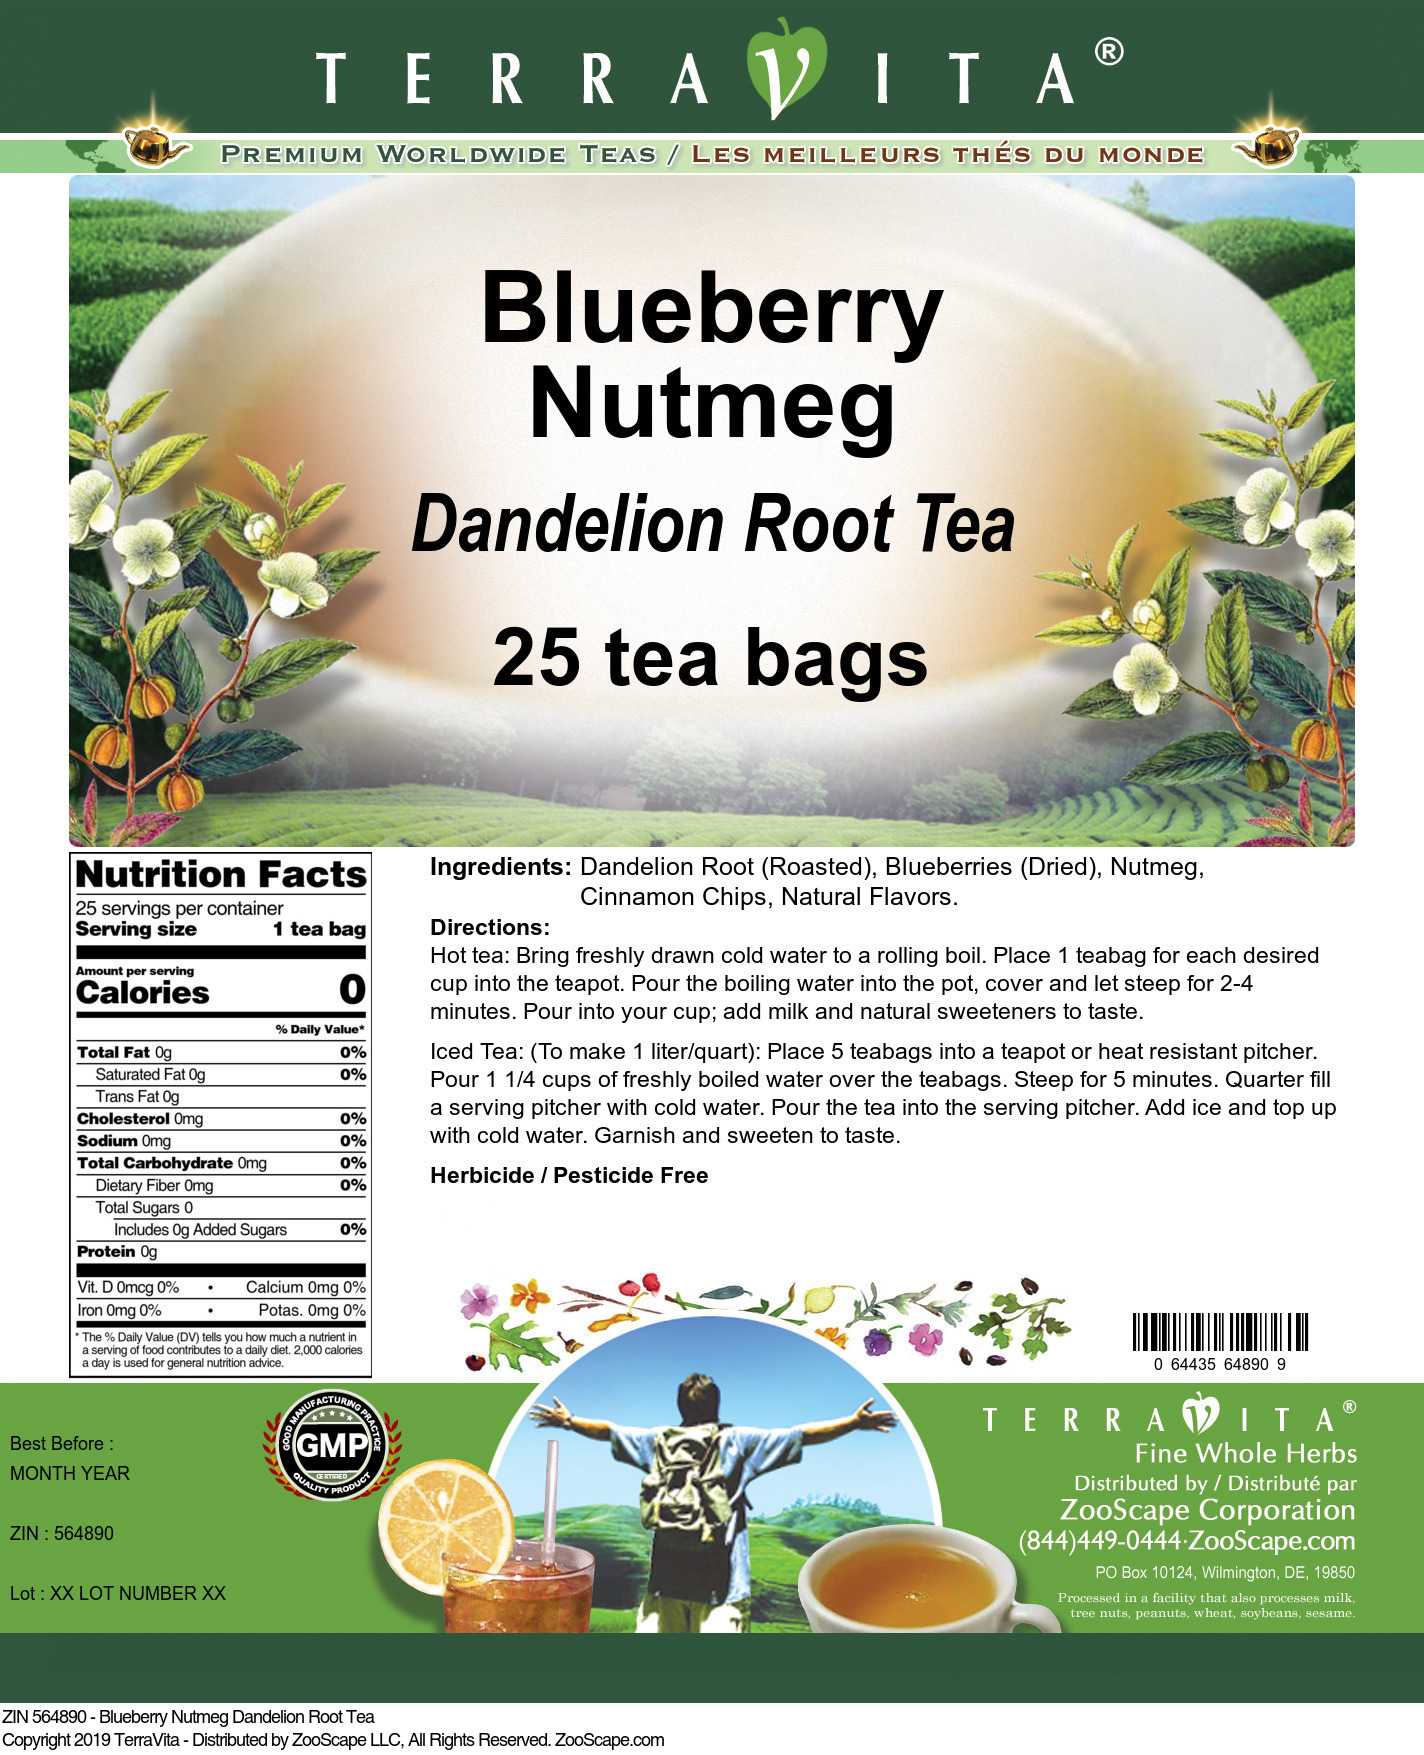 Blueberry Nutmeg Dandelion Root Tea